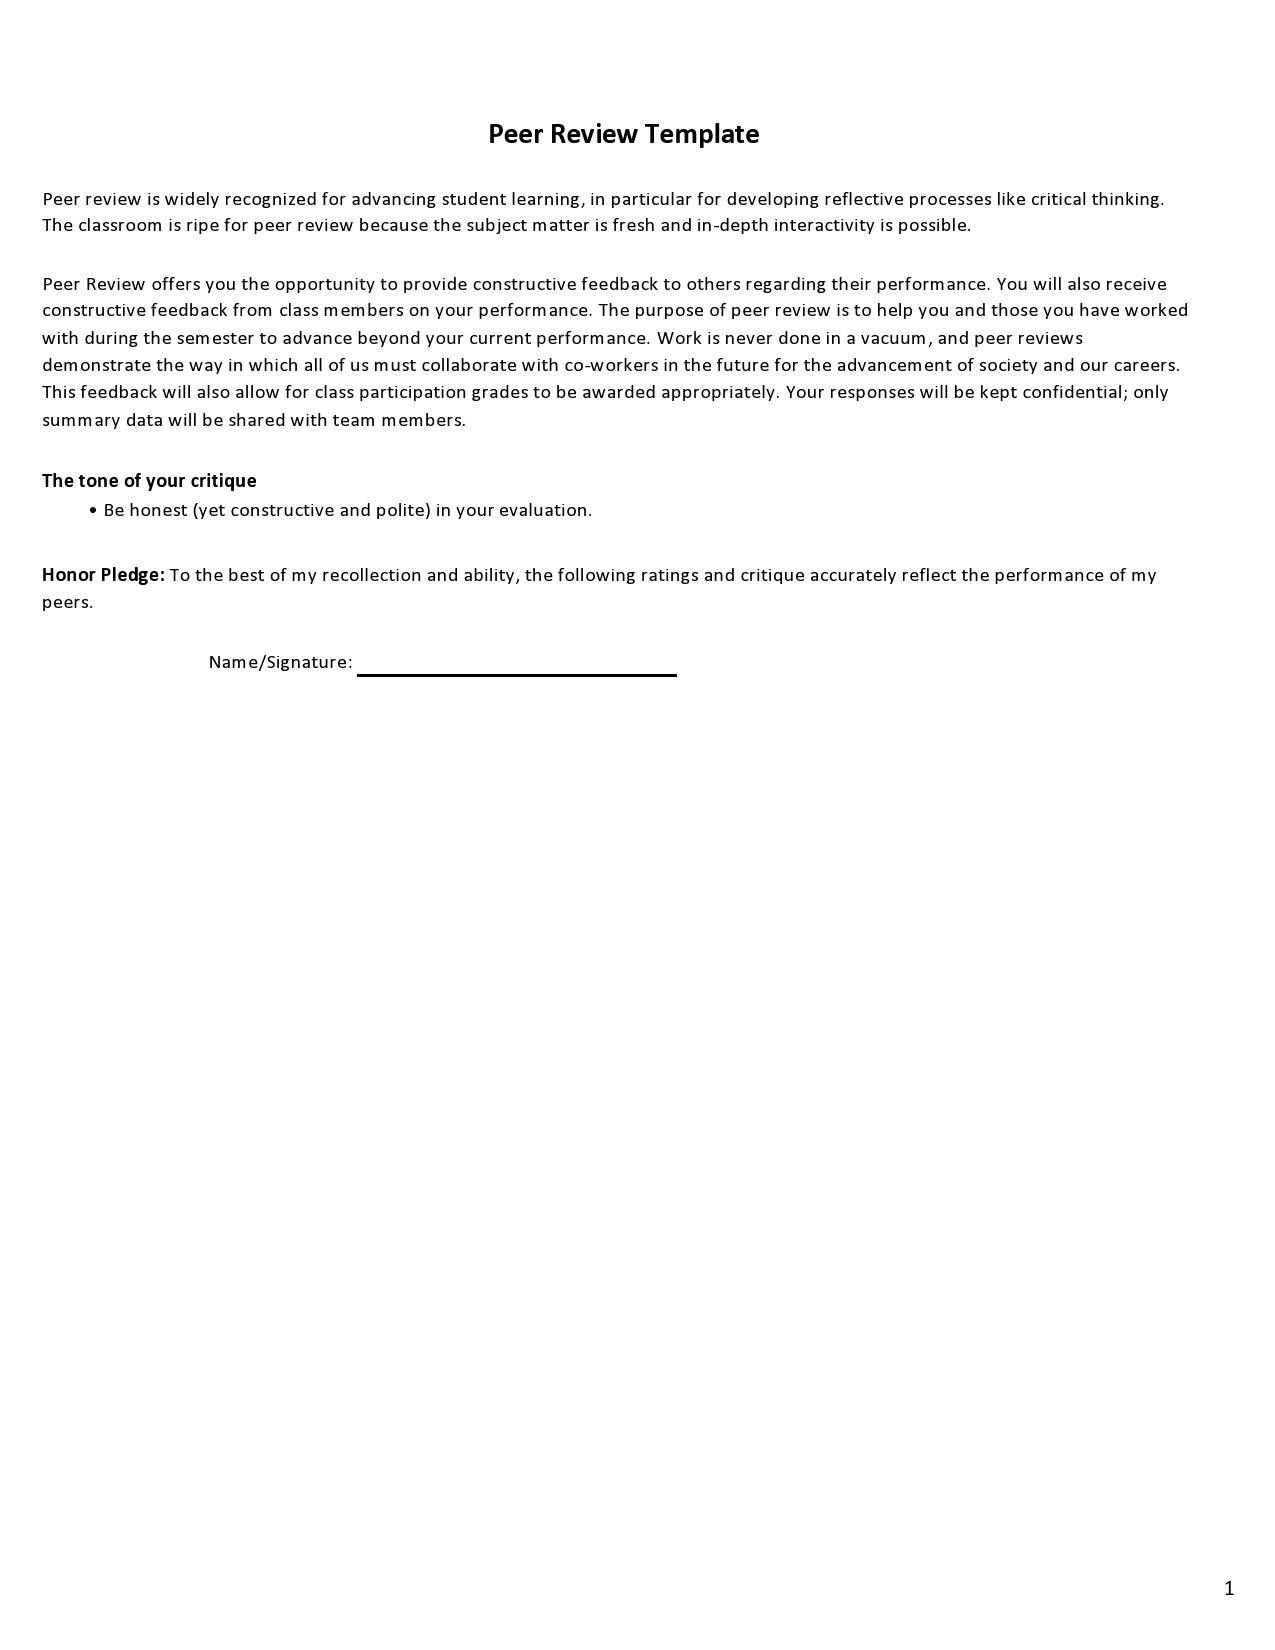 Free peer evaluation form 19